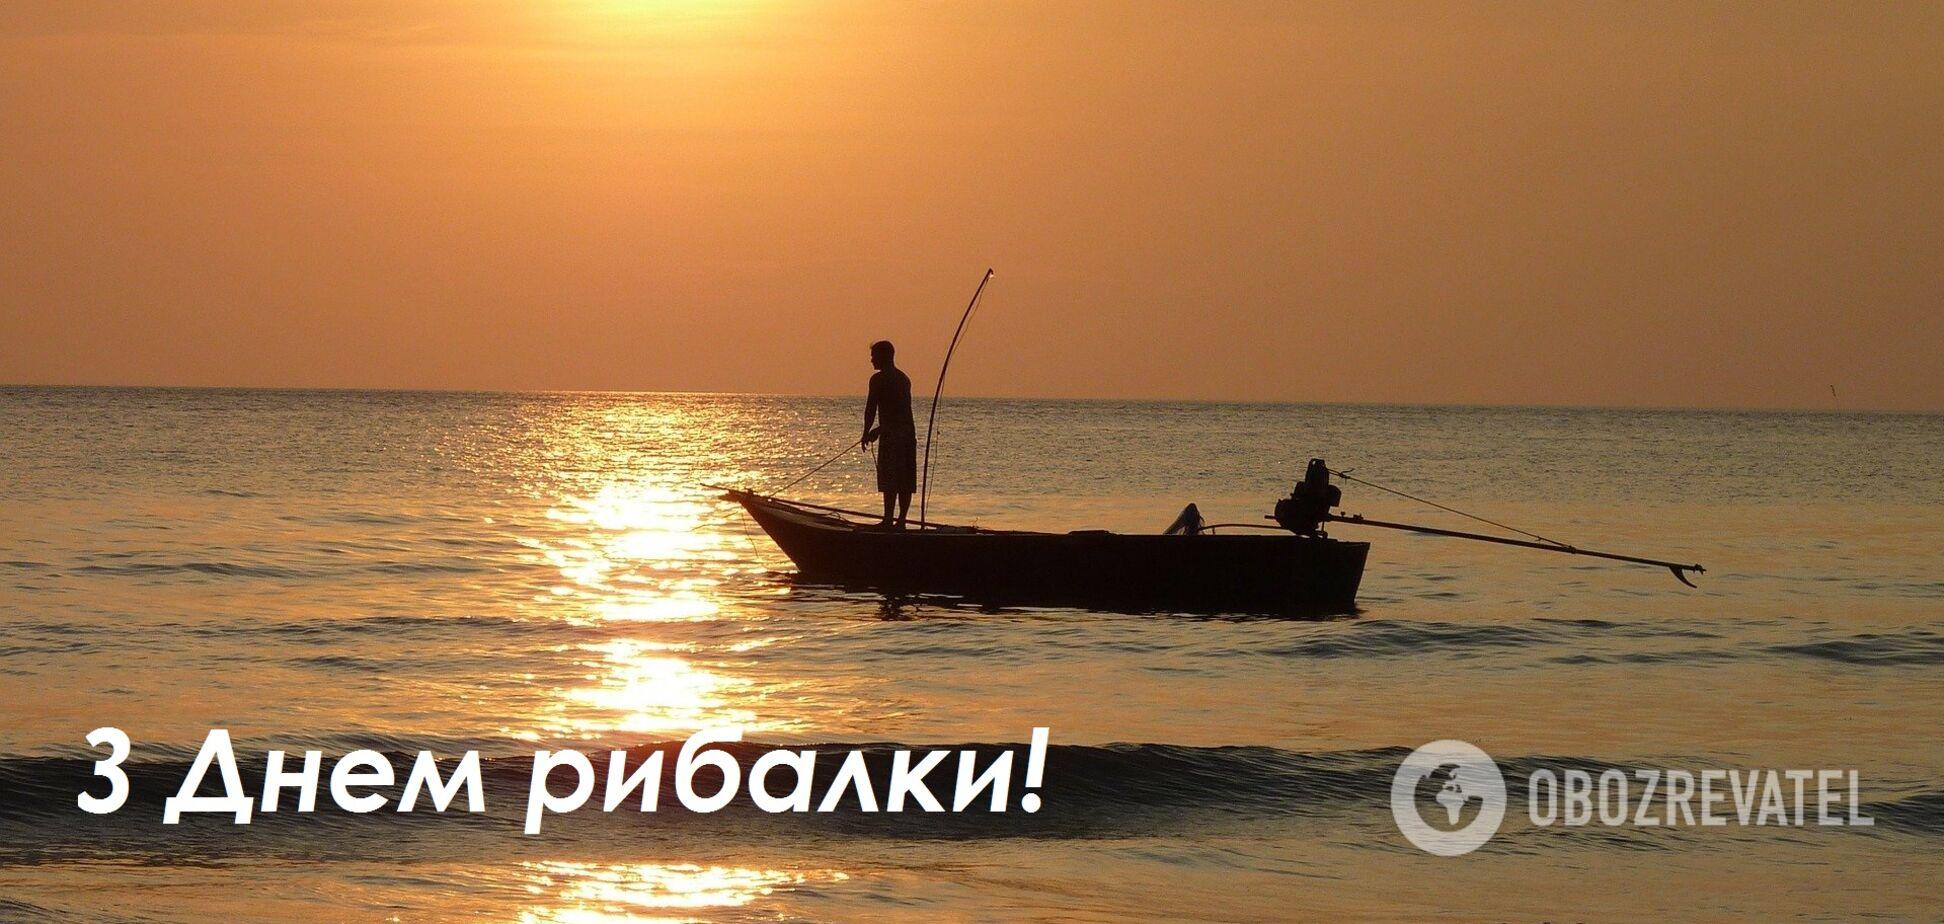 С Днем рыбака: прикольные поздравления, смс и картинки